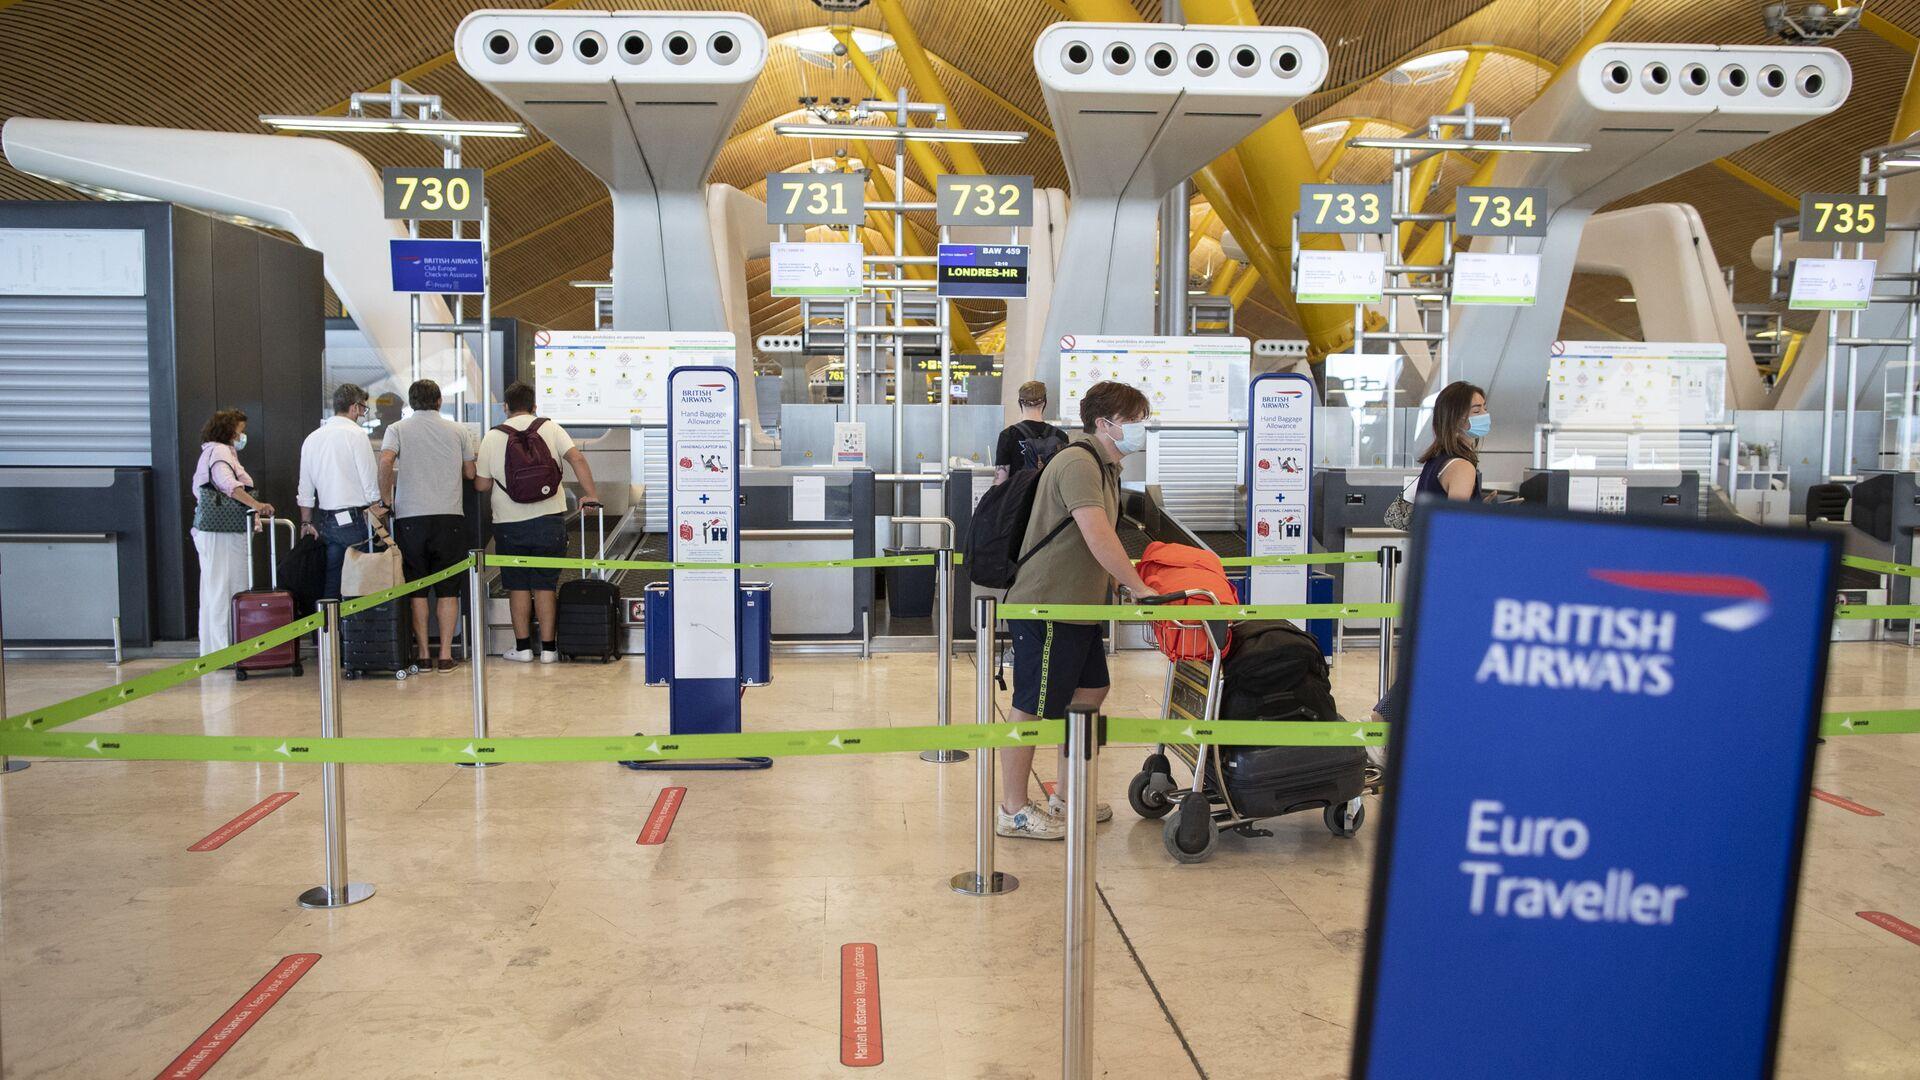 Pasajeros hacen cola en un mostrador de facturación de British Airways en el aeropuerto internacional Adolfo Suárez-Barajas. - Sputnik Mundo, 1920, 25.02.2021